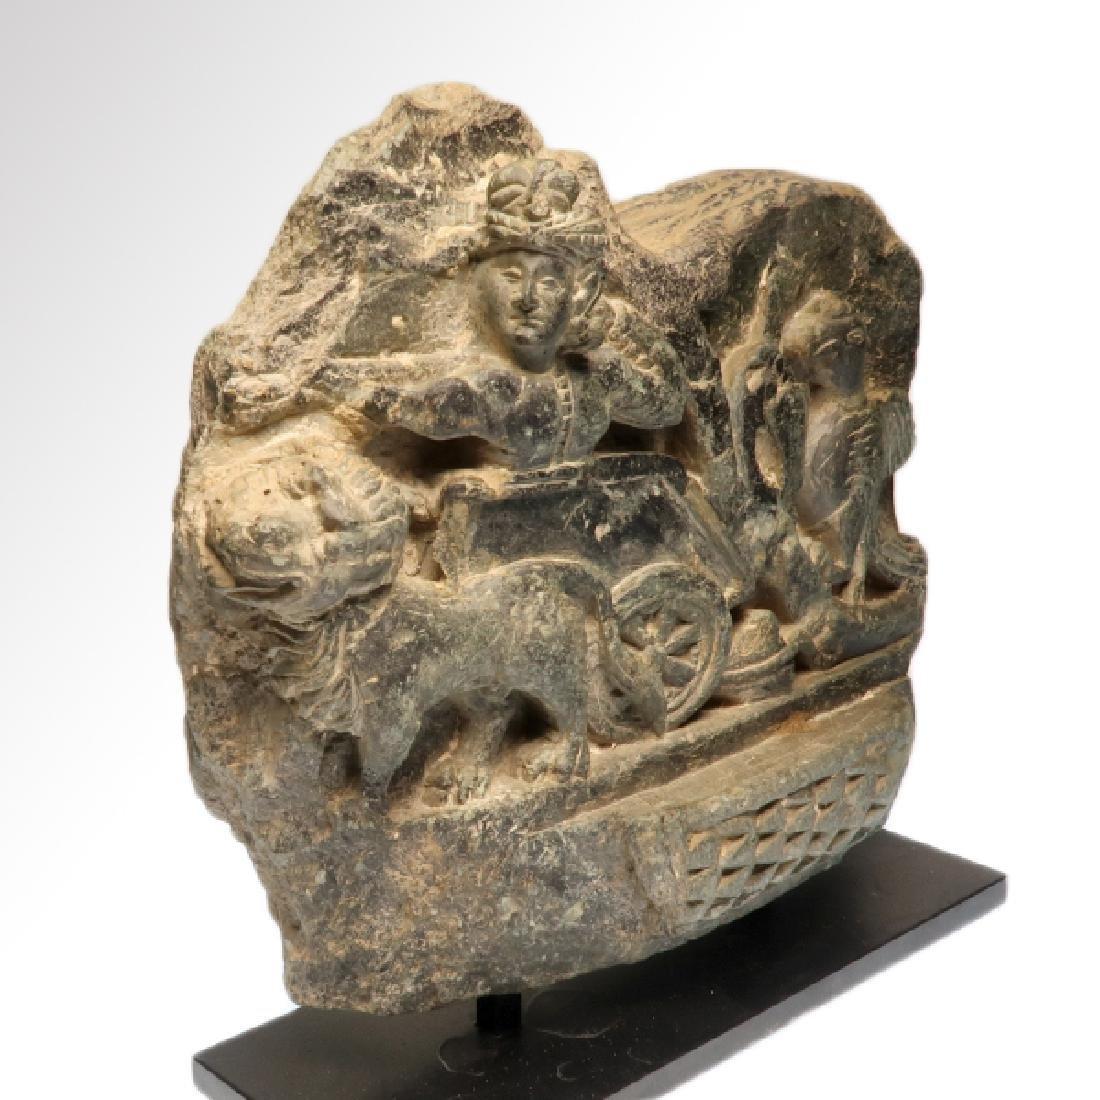 Large Gandhara Schist Relief with Bodhisattva, c. - 6